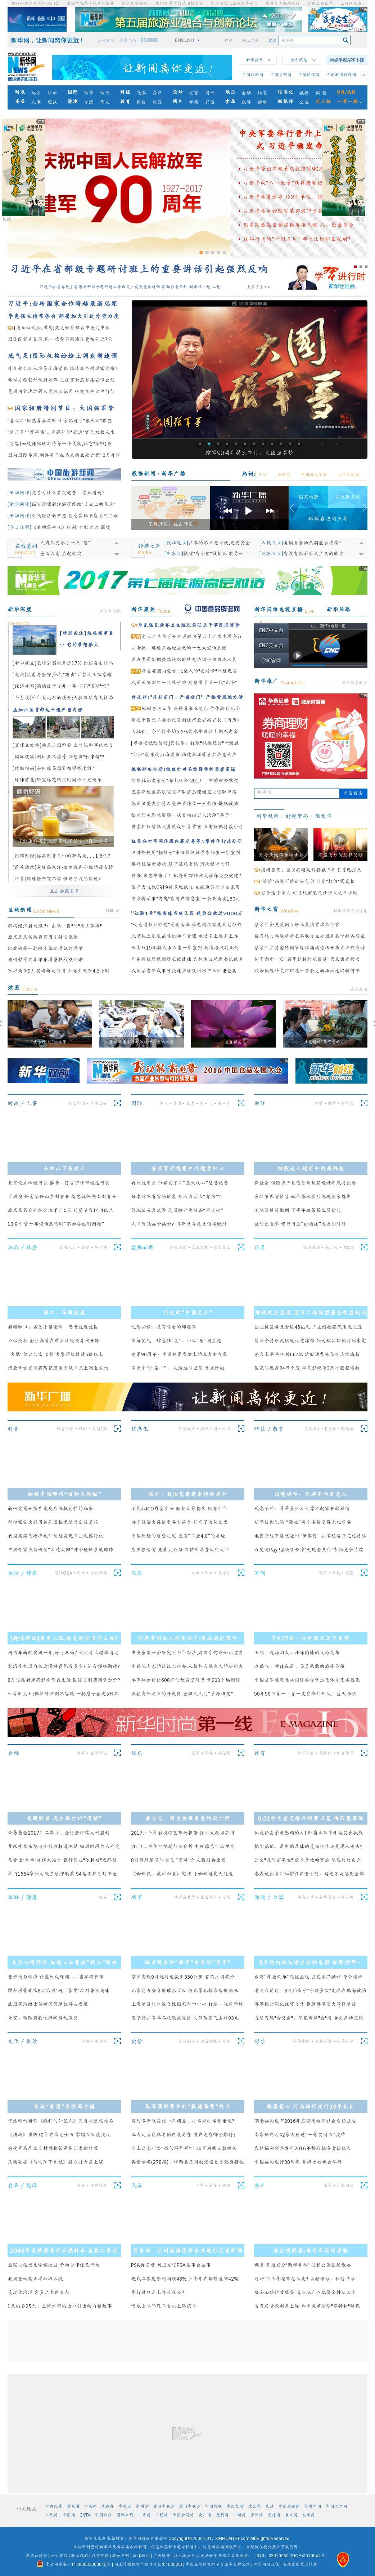 Xinhua at Friday July 28, 2017, 6:29 p.m. UTC